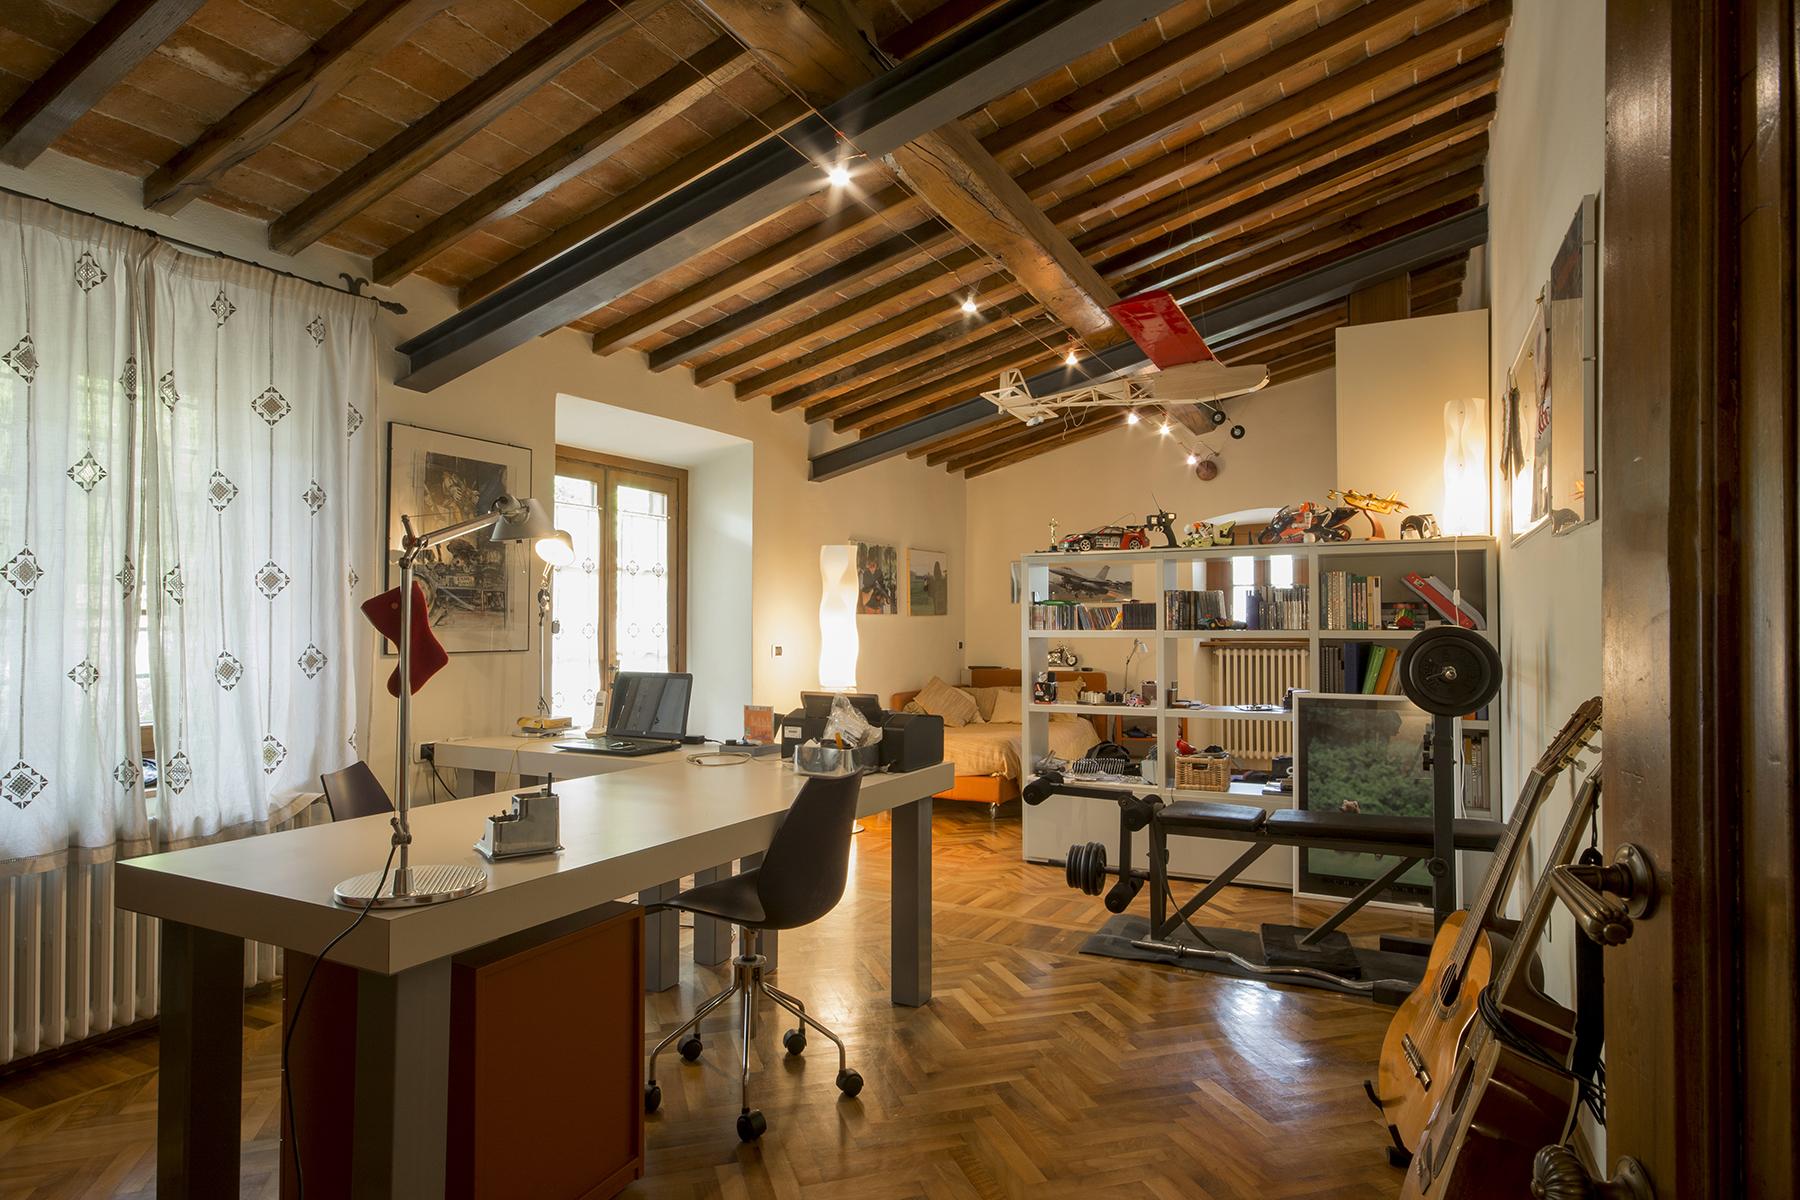 Rustico in Vendita a Barberino Di Mugello: 5 locali, 200 mq - Foto 11